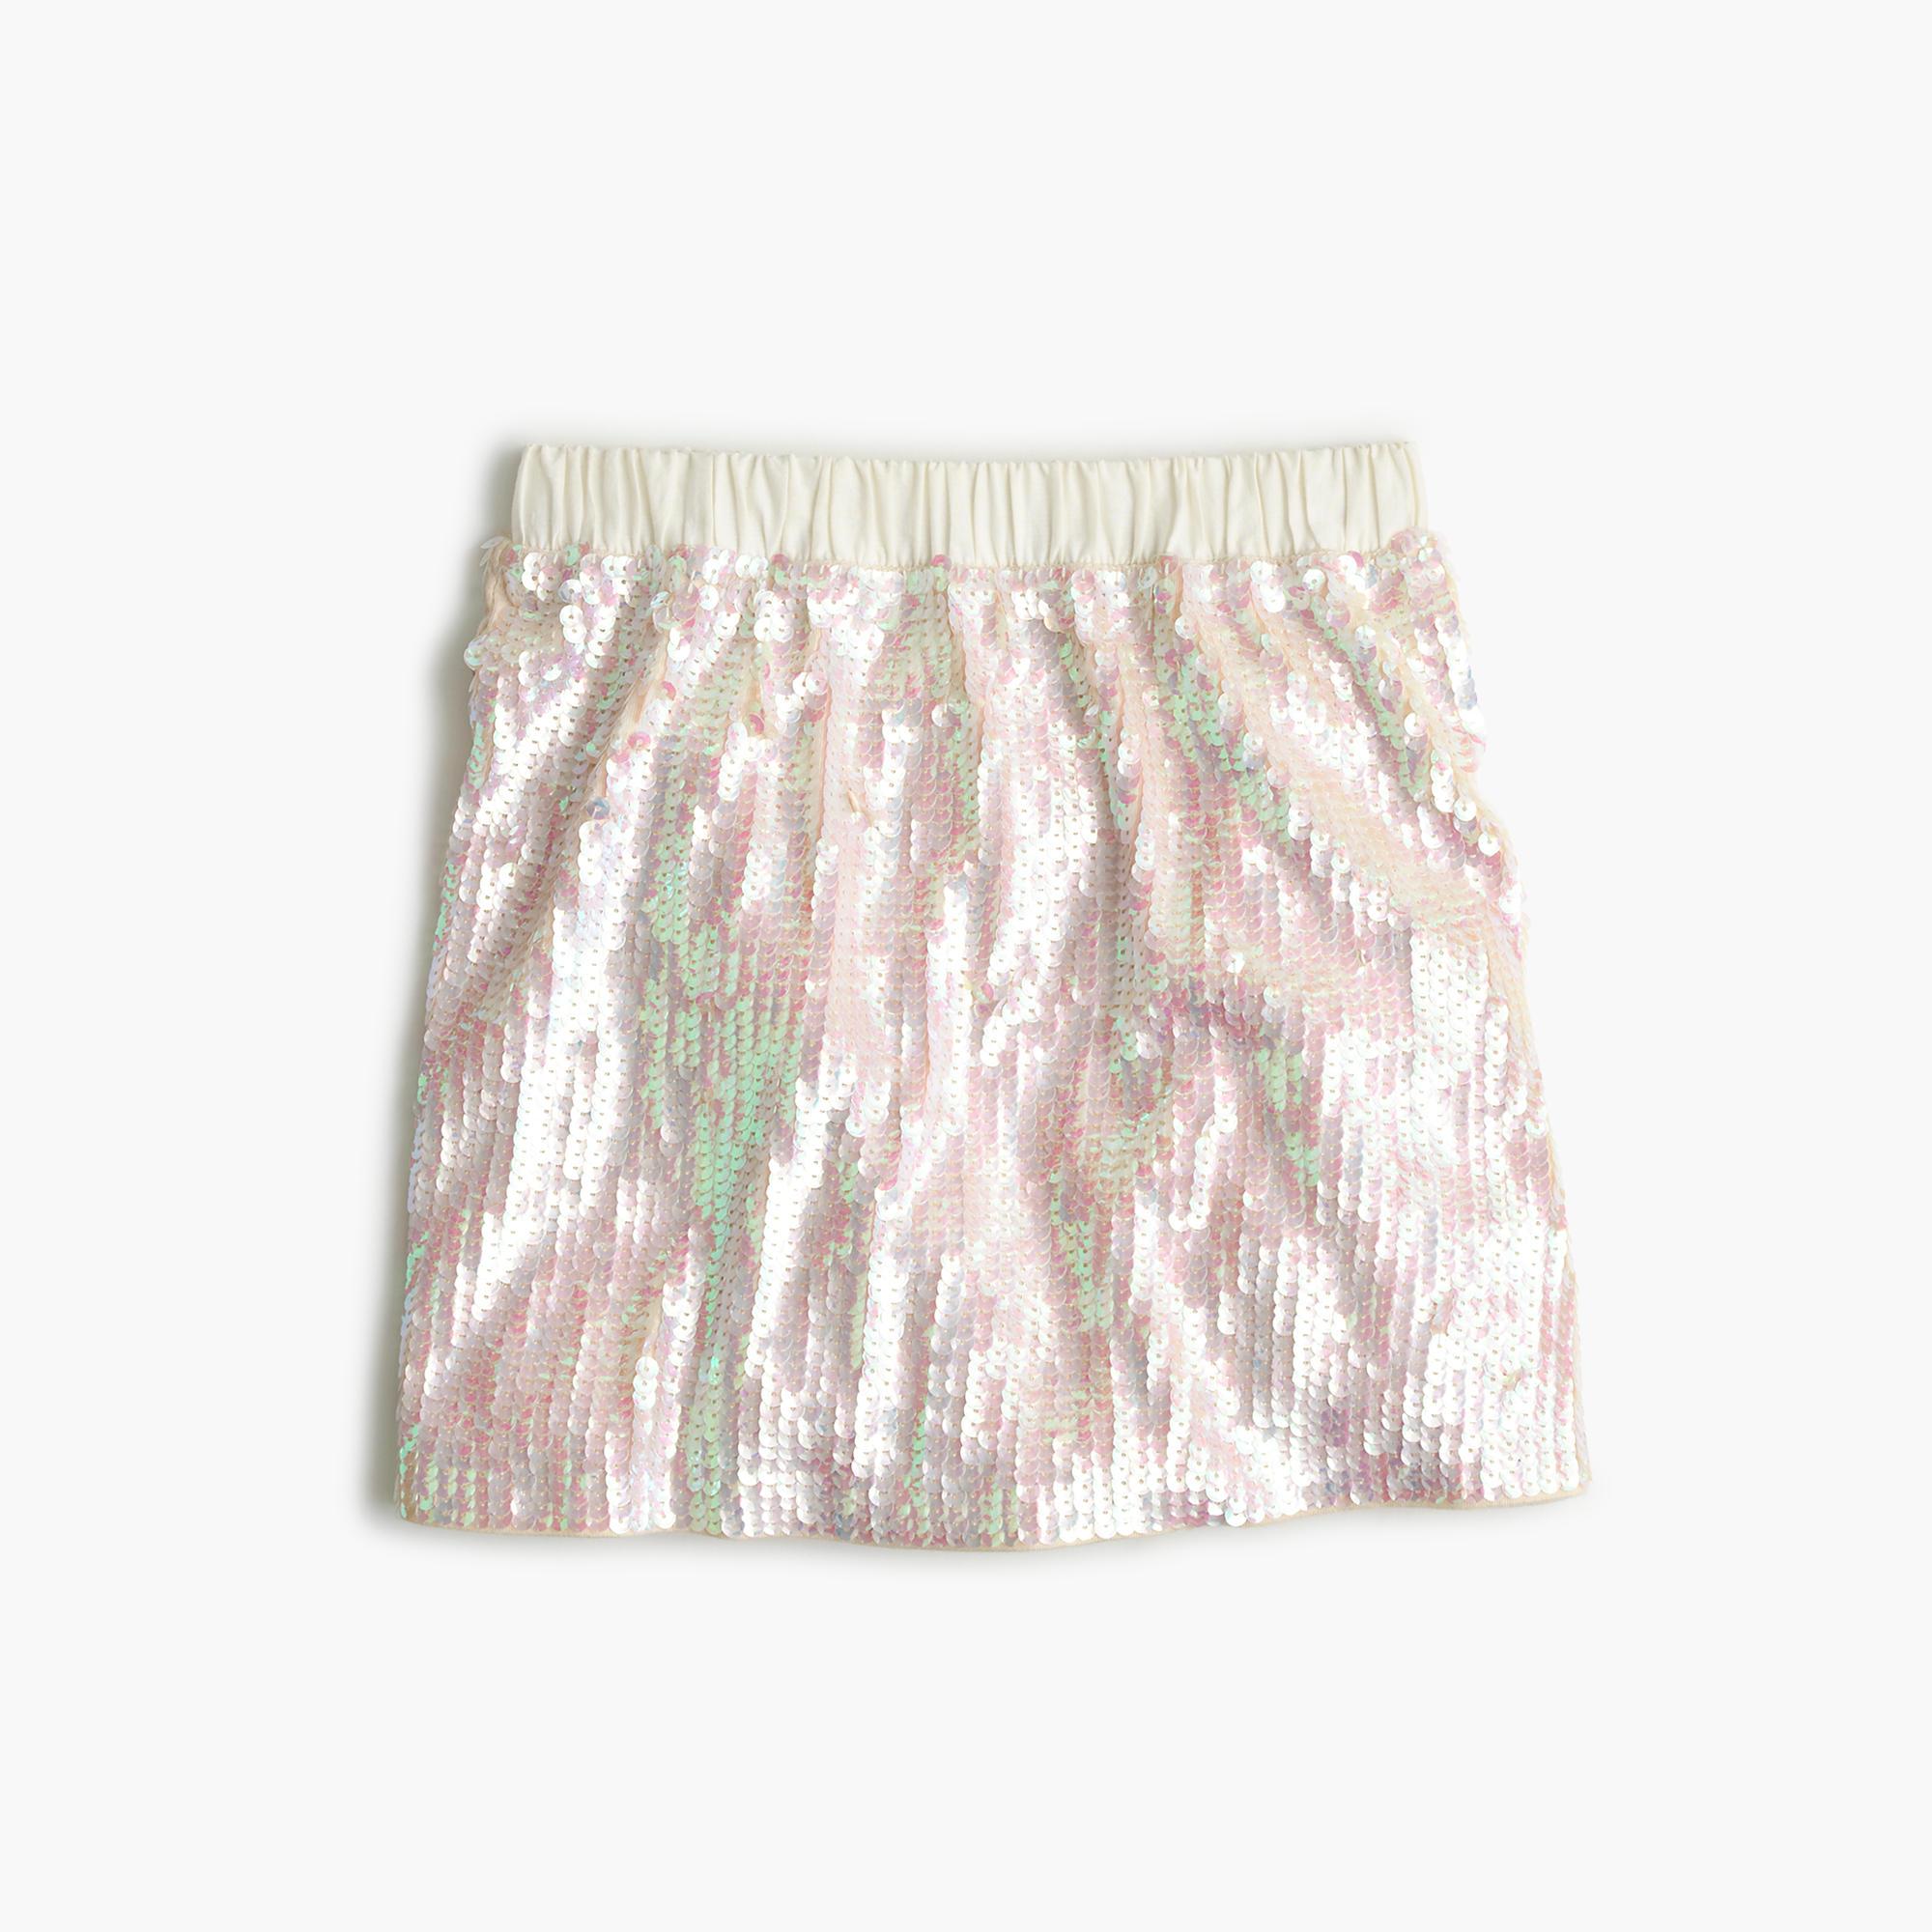 Girl's Sequin Skirt